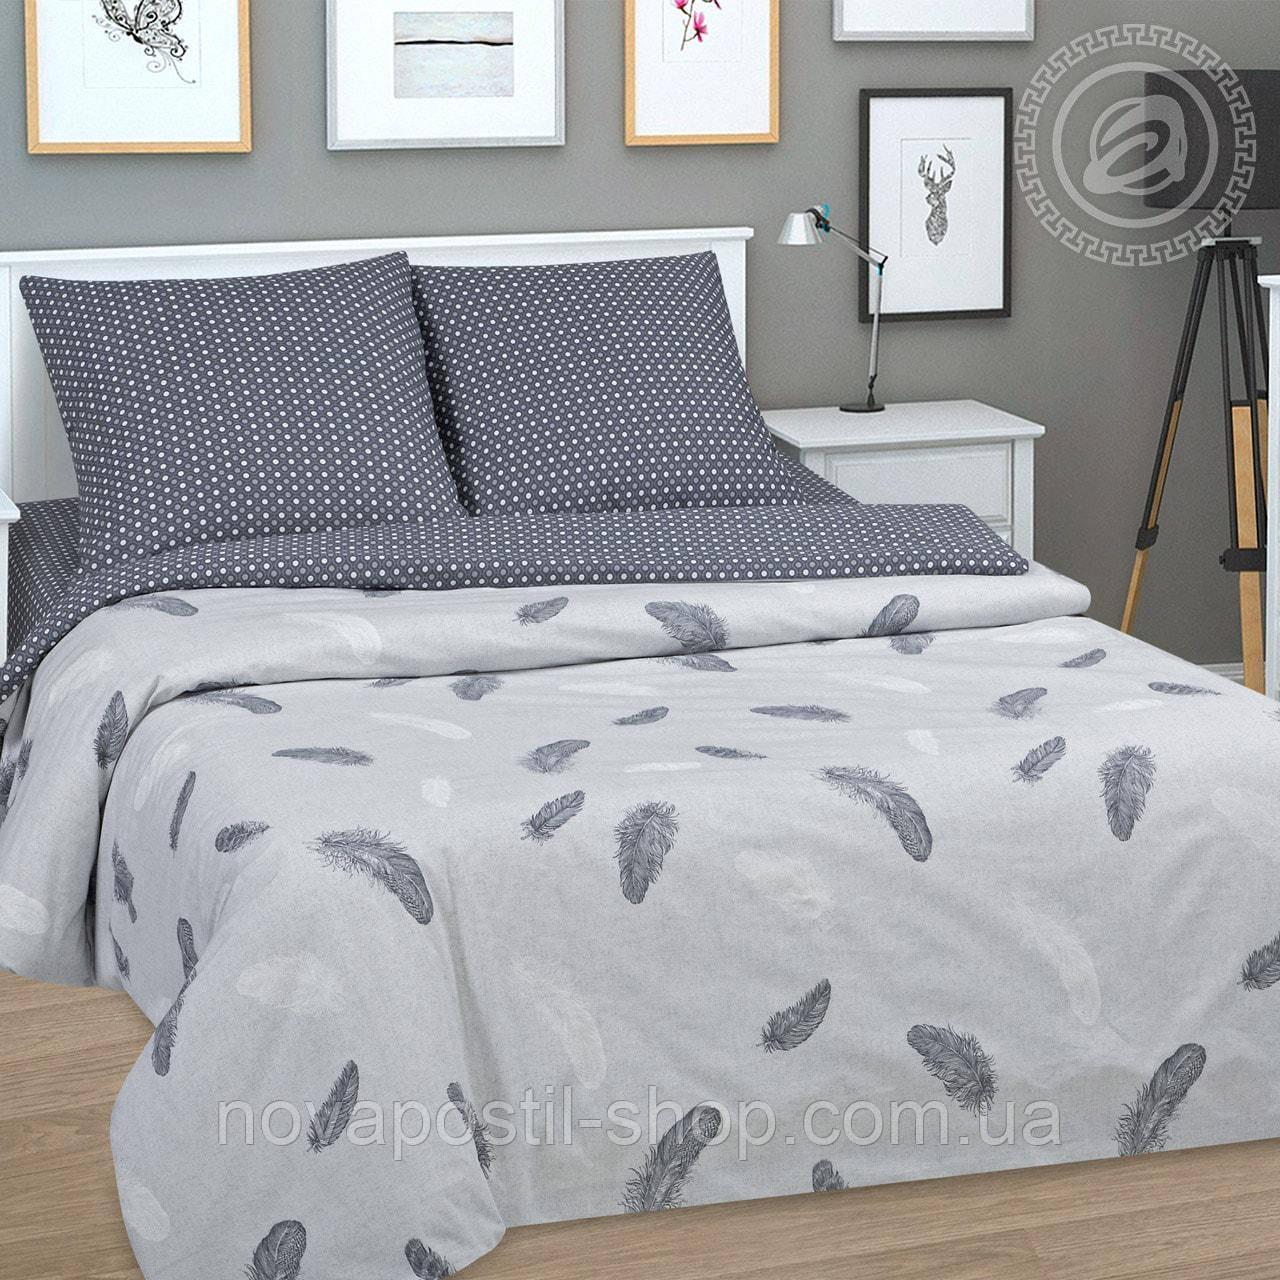 Ткань для постельного белья с перьями, поплин Феникс